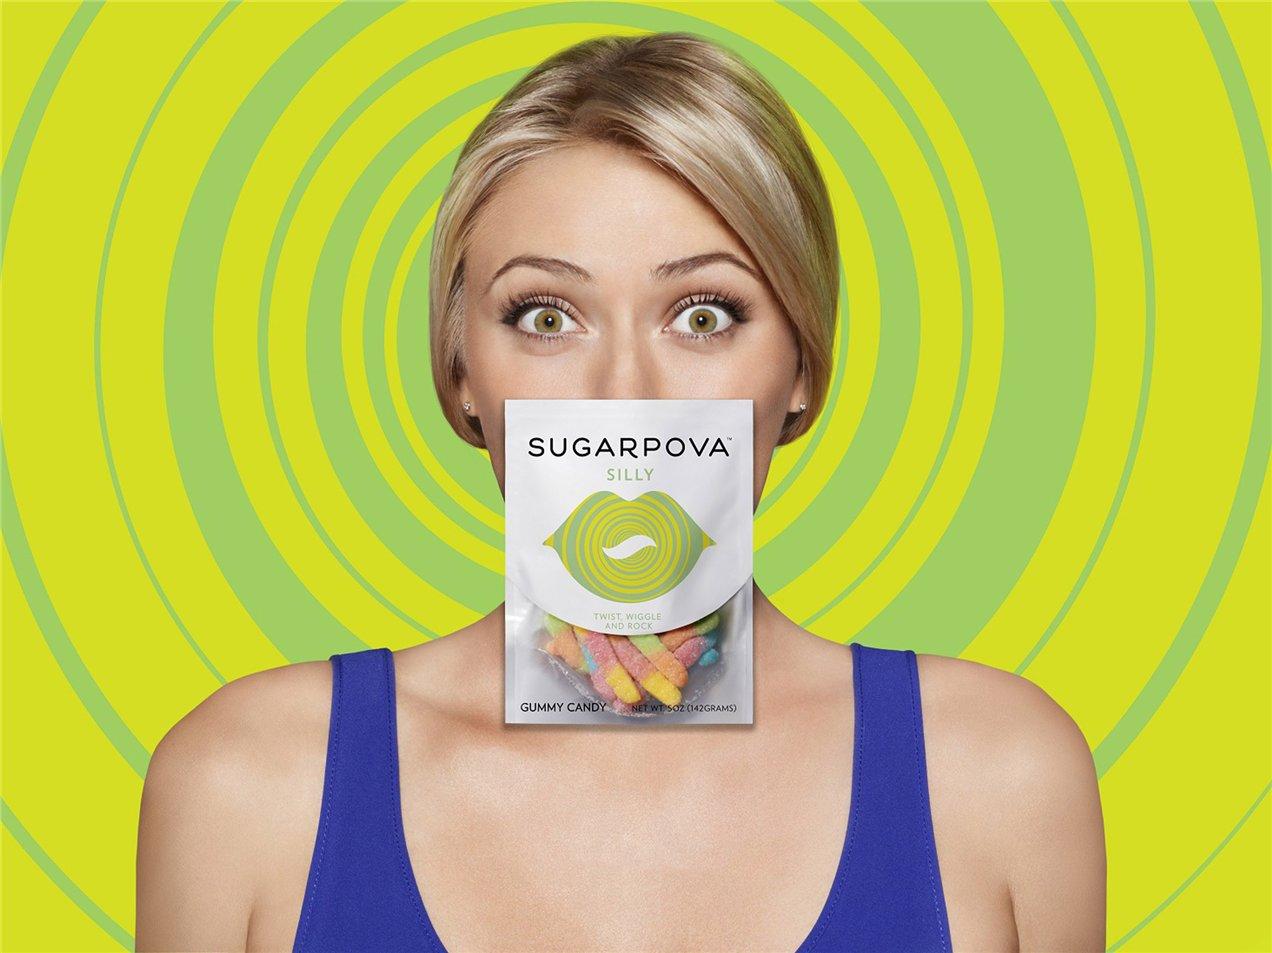 Мария Шарапова рекламирует конфеты под собственным брендом SugarPova